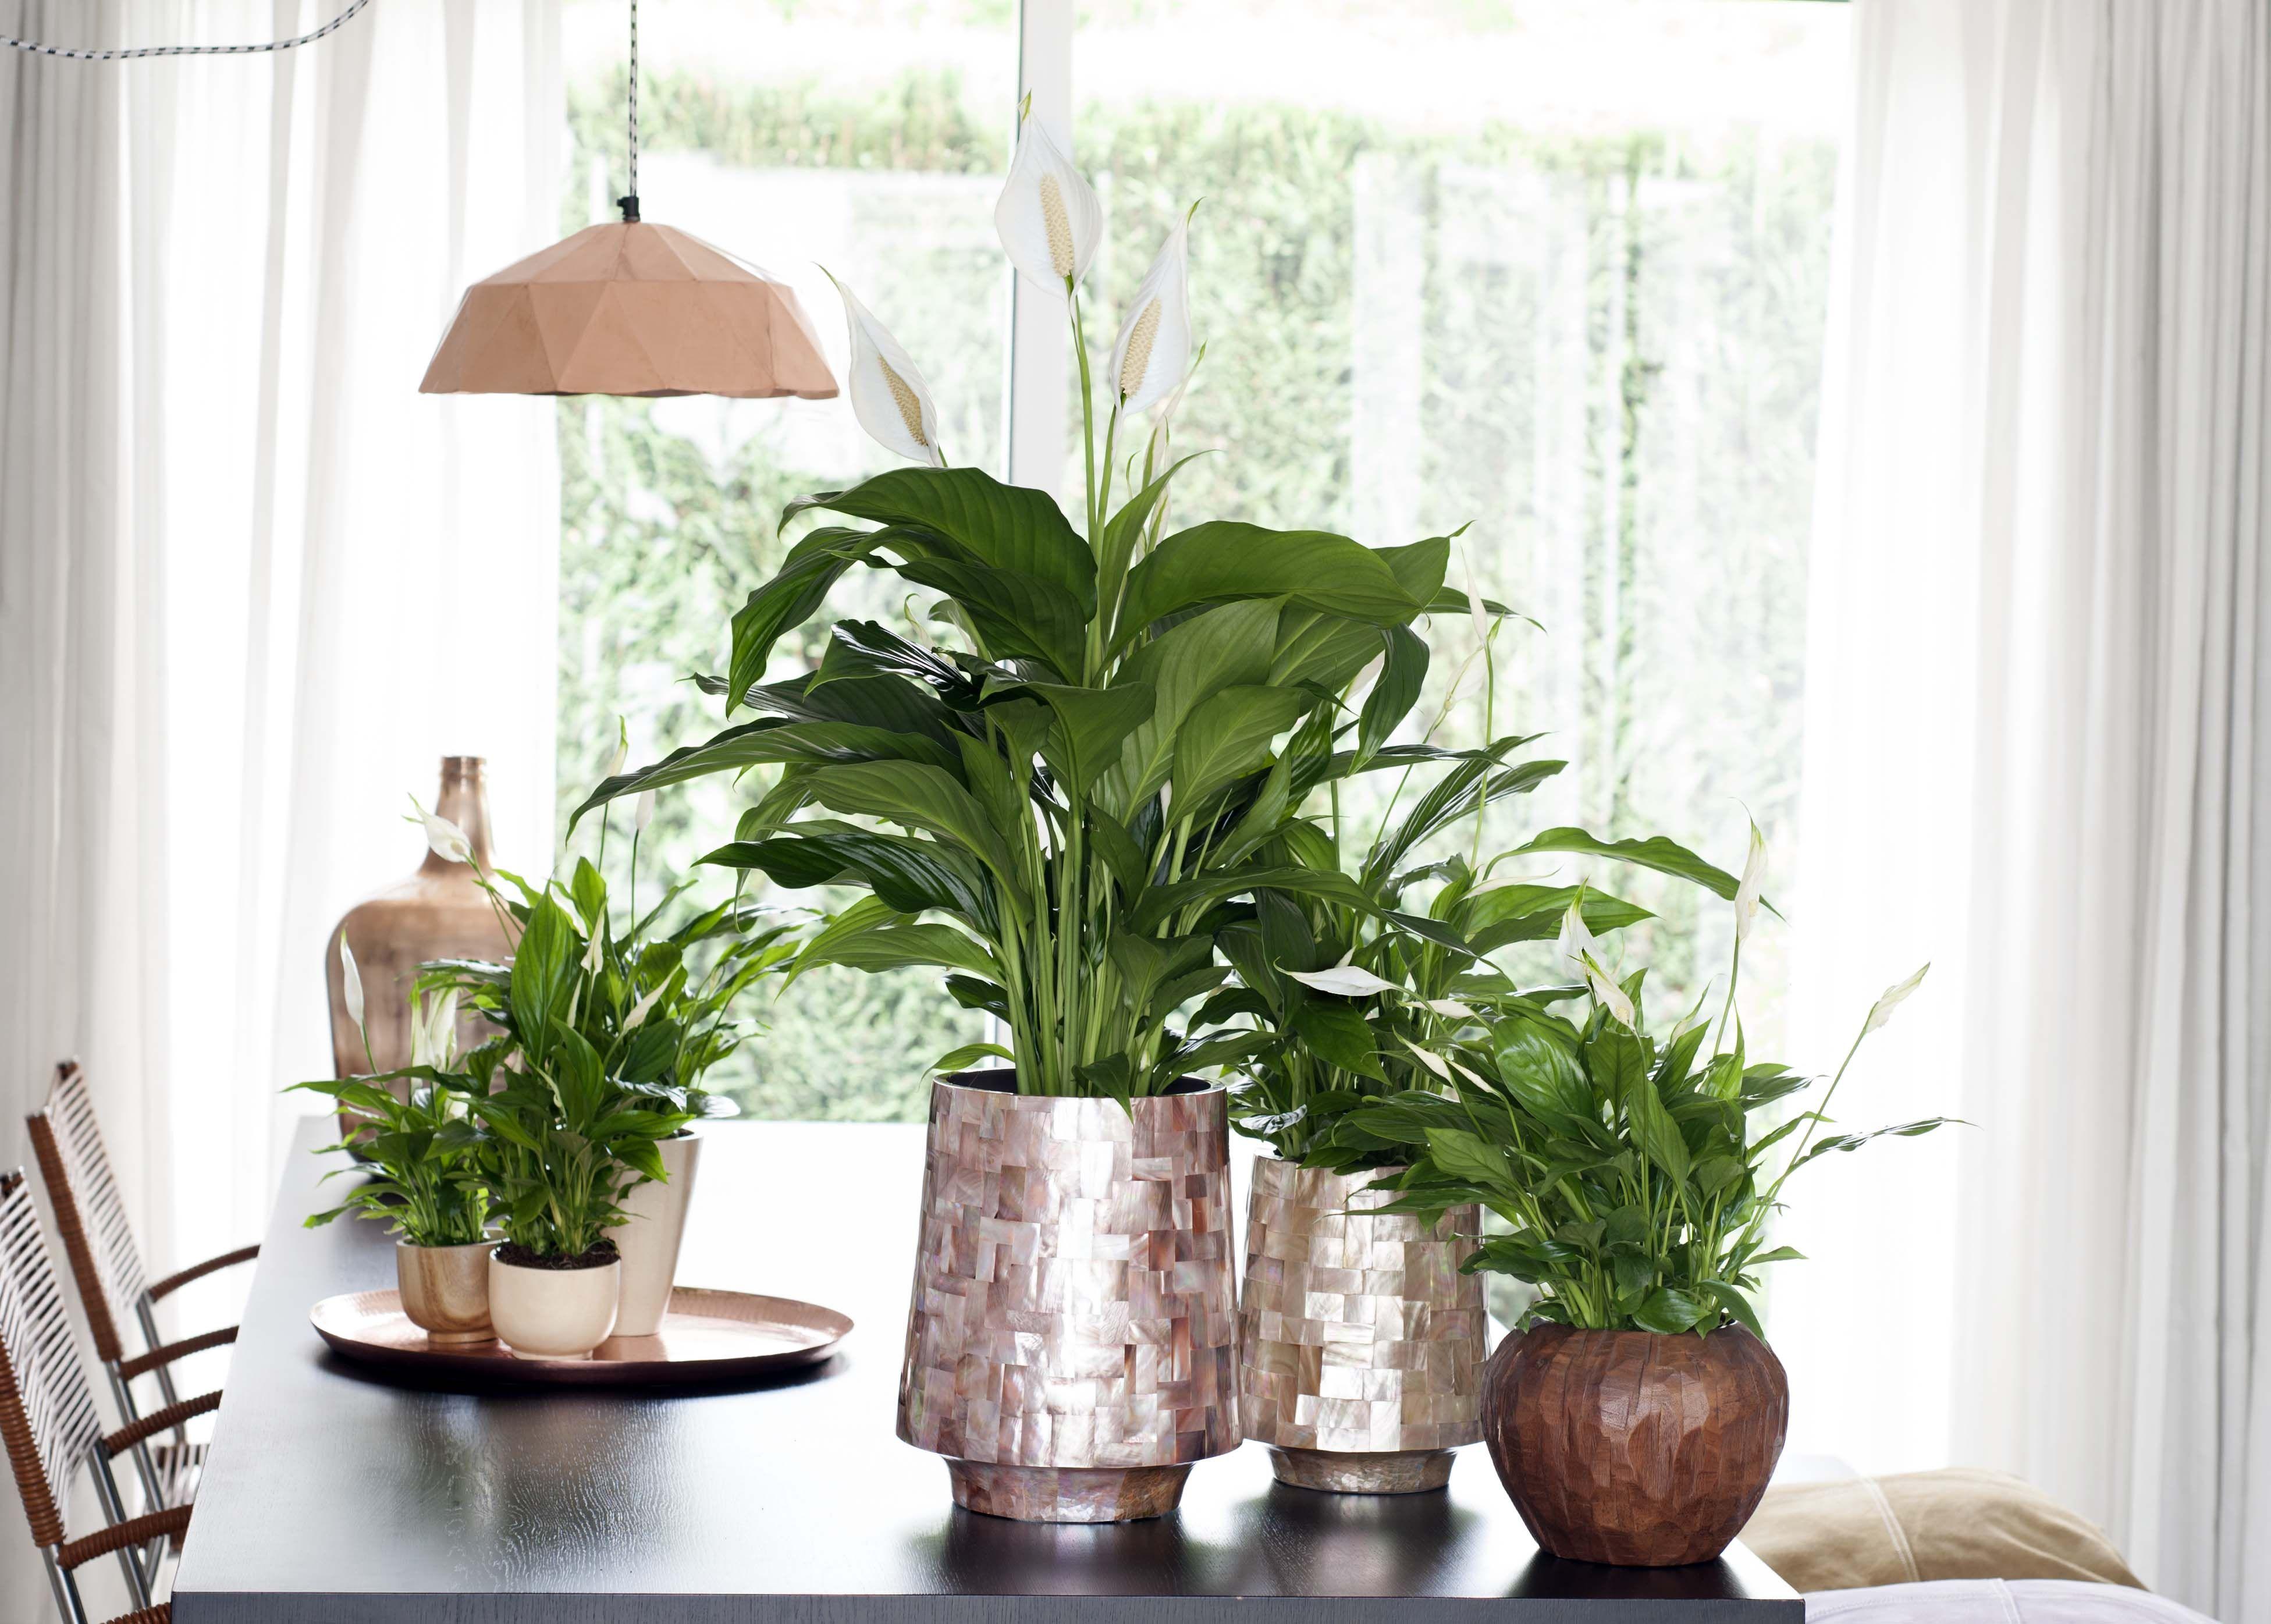 einblatt ist zimmerpflanze des monats juni luftreinigende pflanzen pinterest esstische. Black Bedroom Furniture Sets. Home Design Ideas